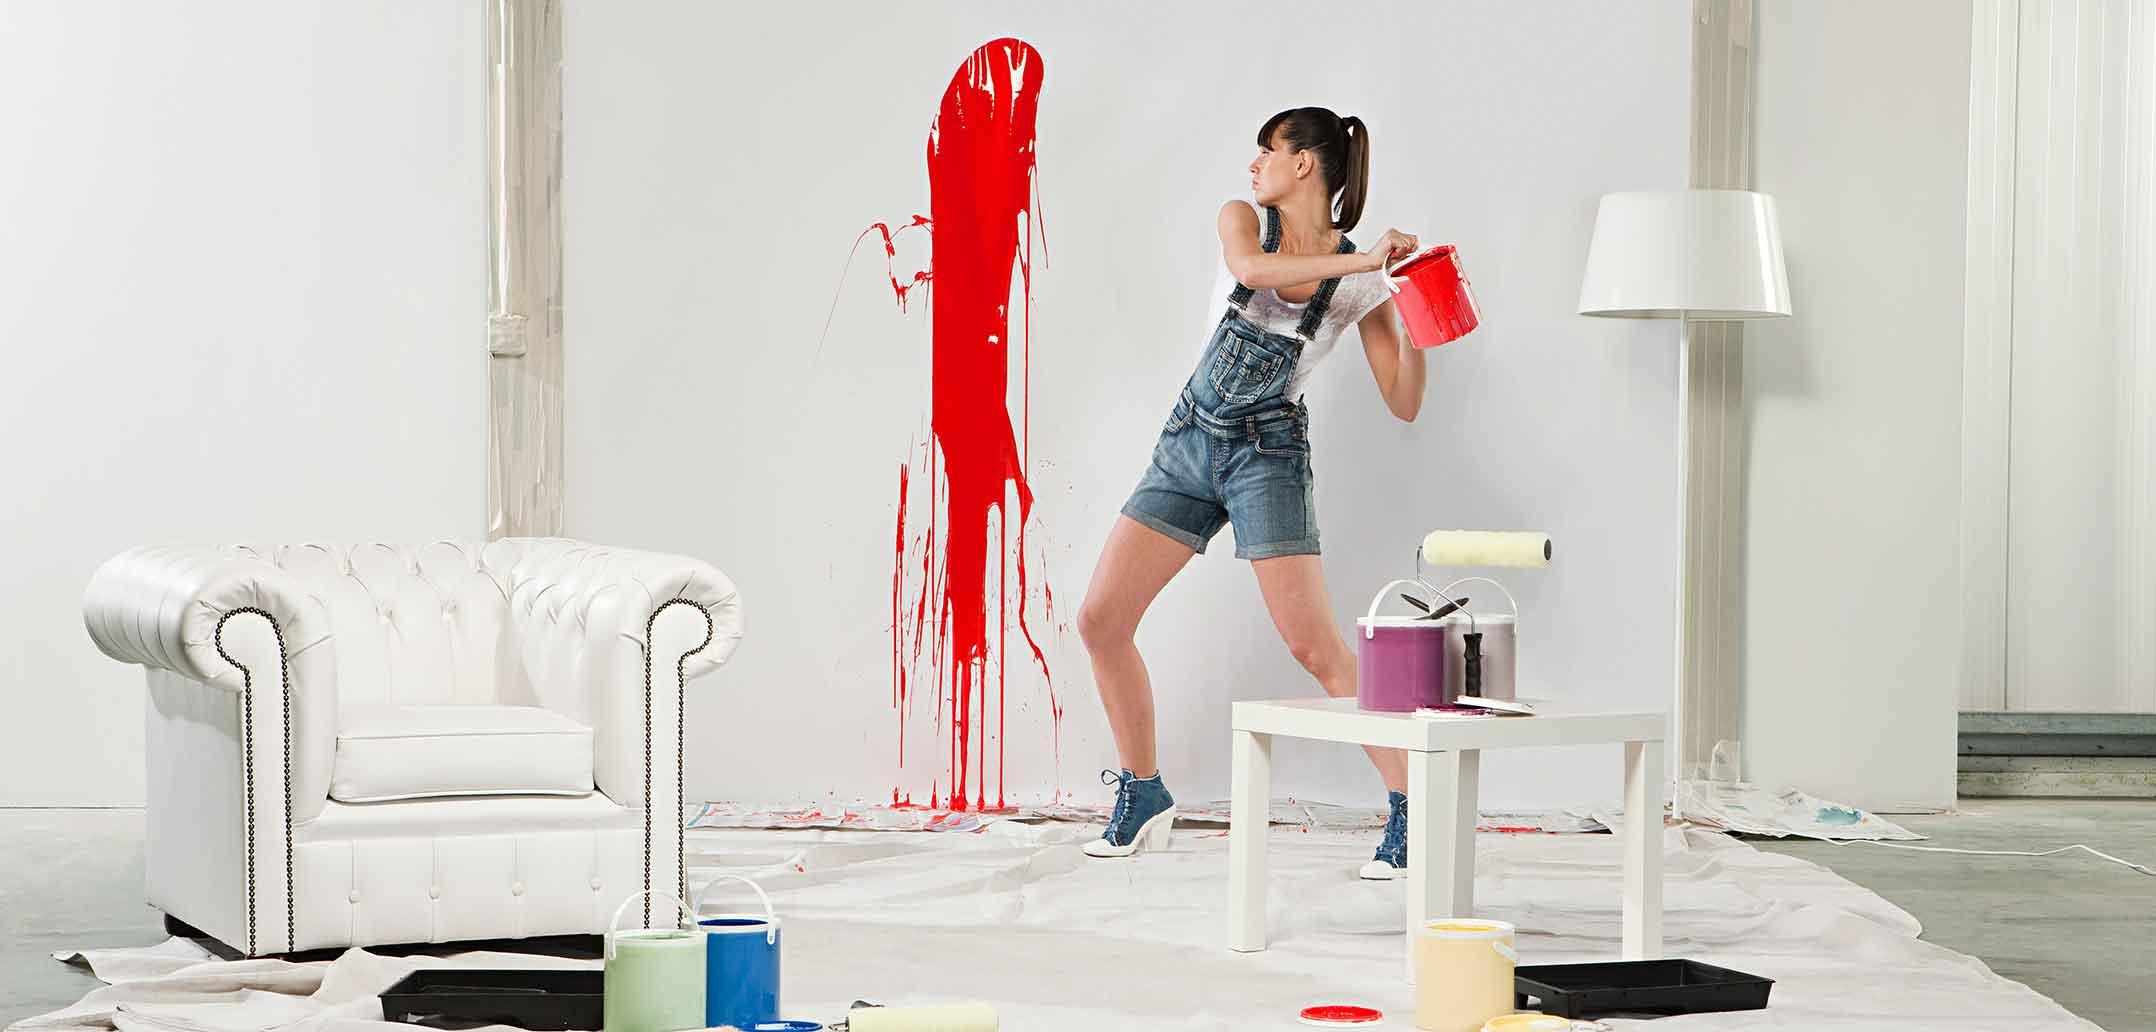 Frau wirft Farbe an die Wand